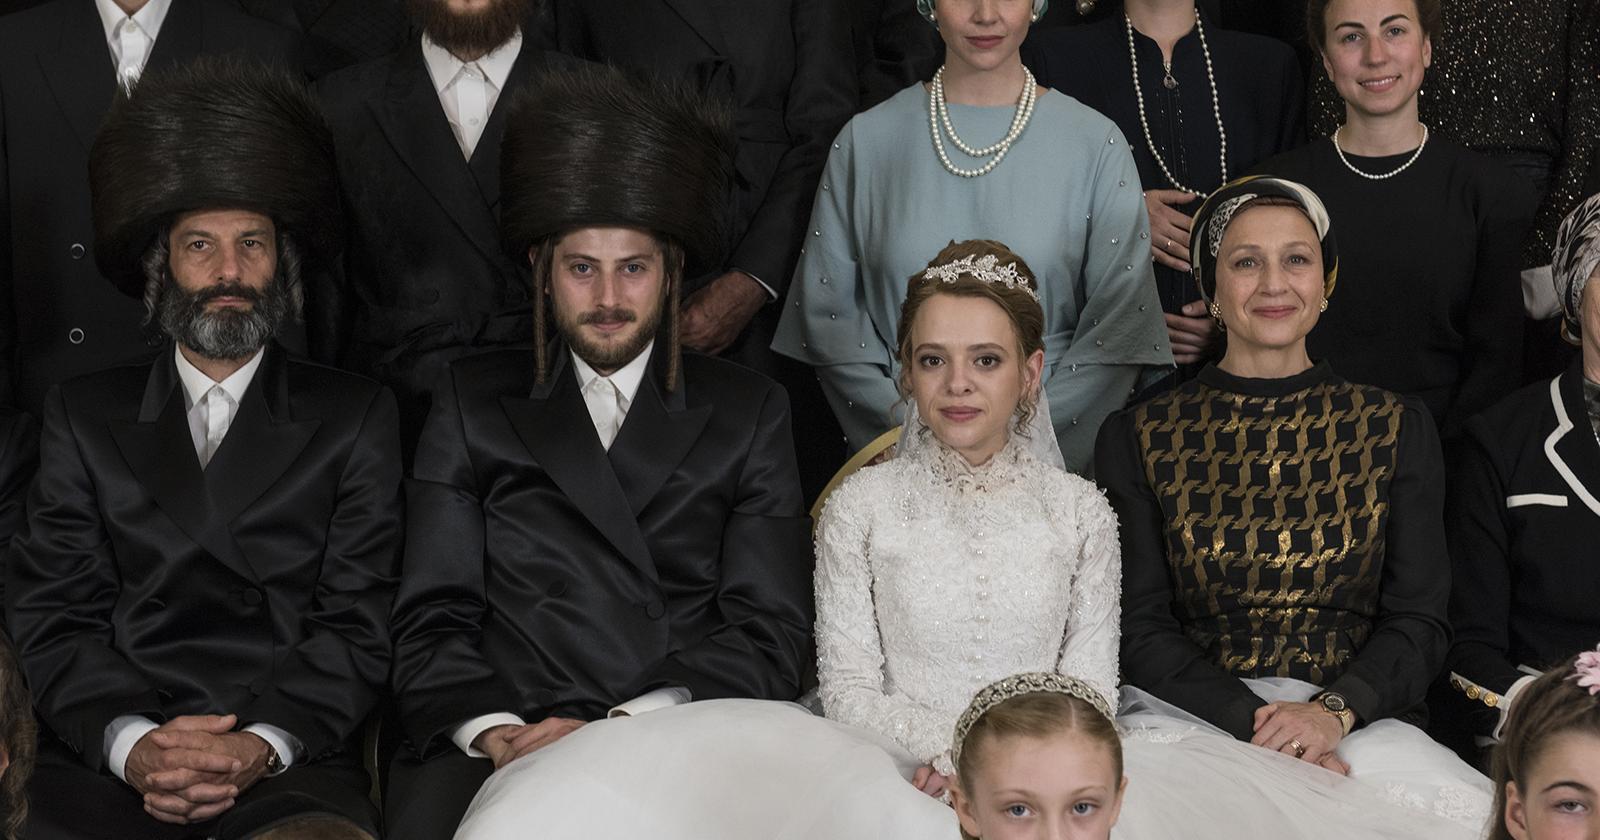 En la imagen vemos a Etsy, protagonista de la mini serie Poco Ortodoxa, en el día de su boda. Ella está sentada al medio de los miembros de su comunidad extremadamente religiosa. Esta fue una de las series 2020 más vistas de Netflix.